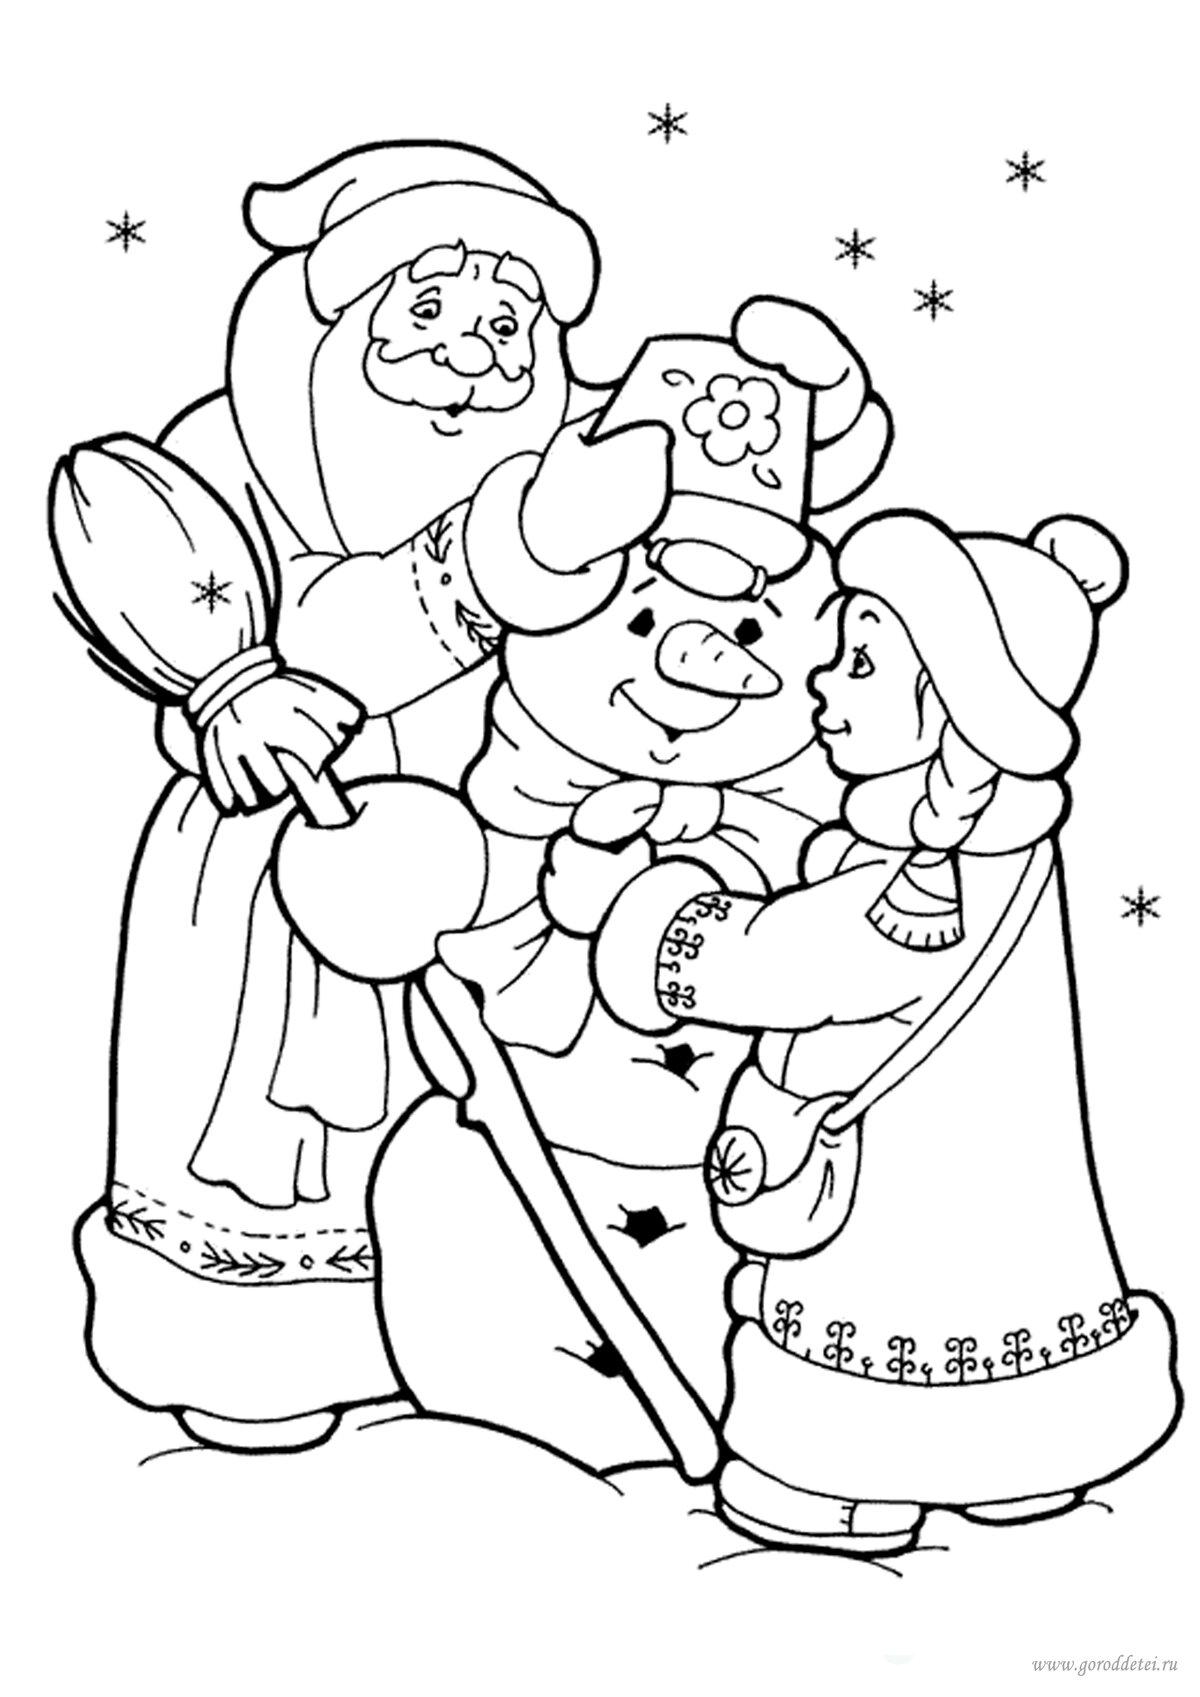 Дед мороз в картинках для раскрашивания